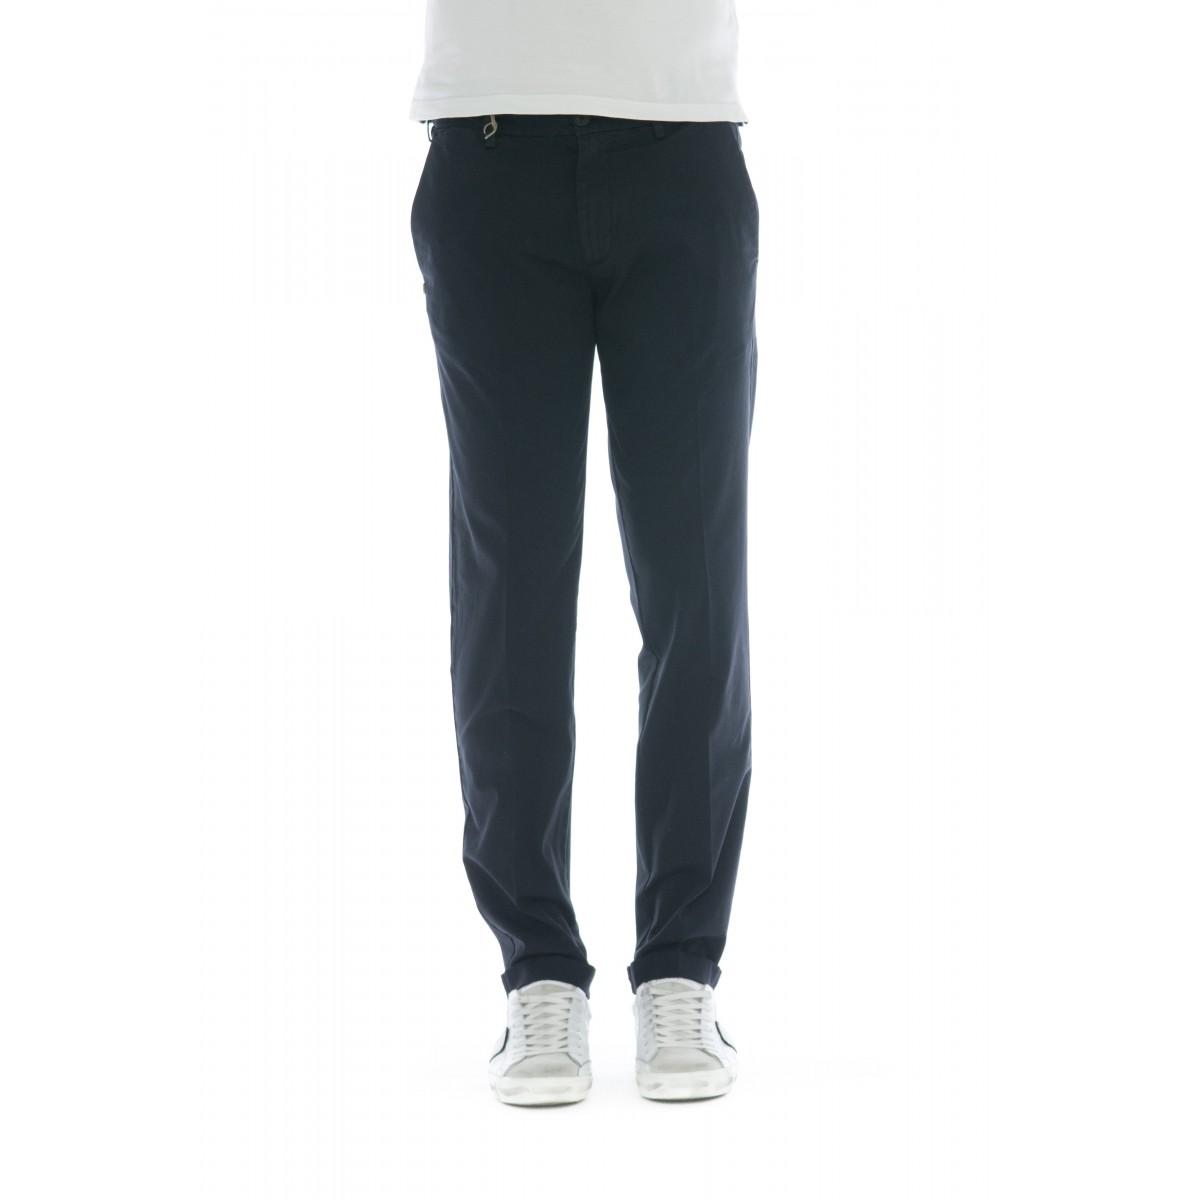 Pantalone uomo - Lenny 5038 slim strech